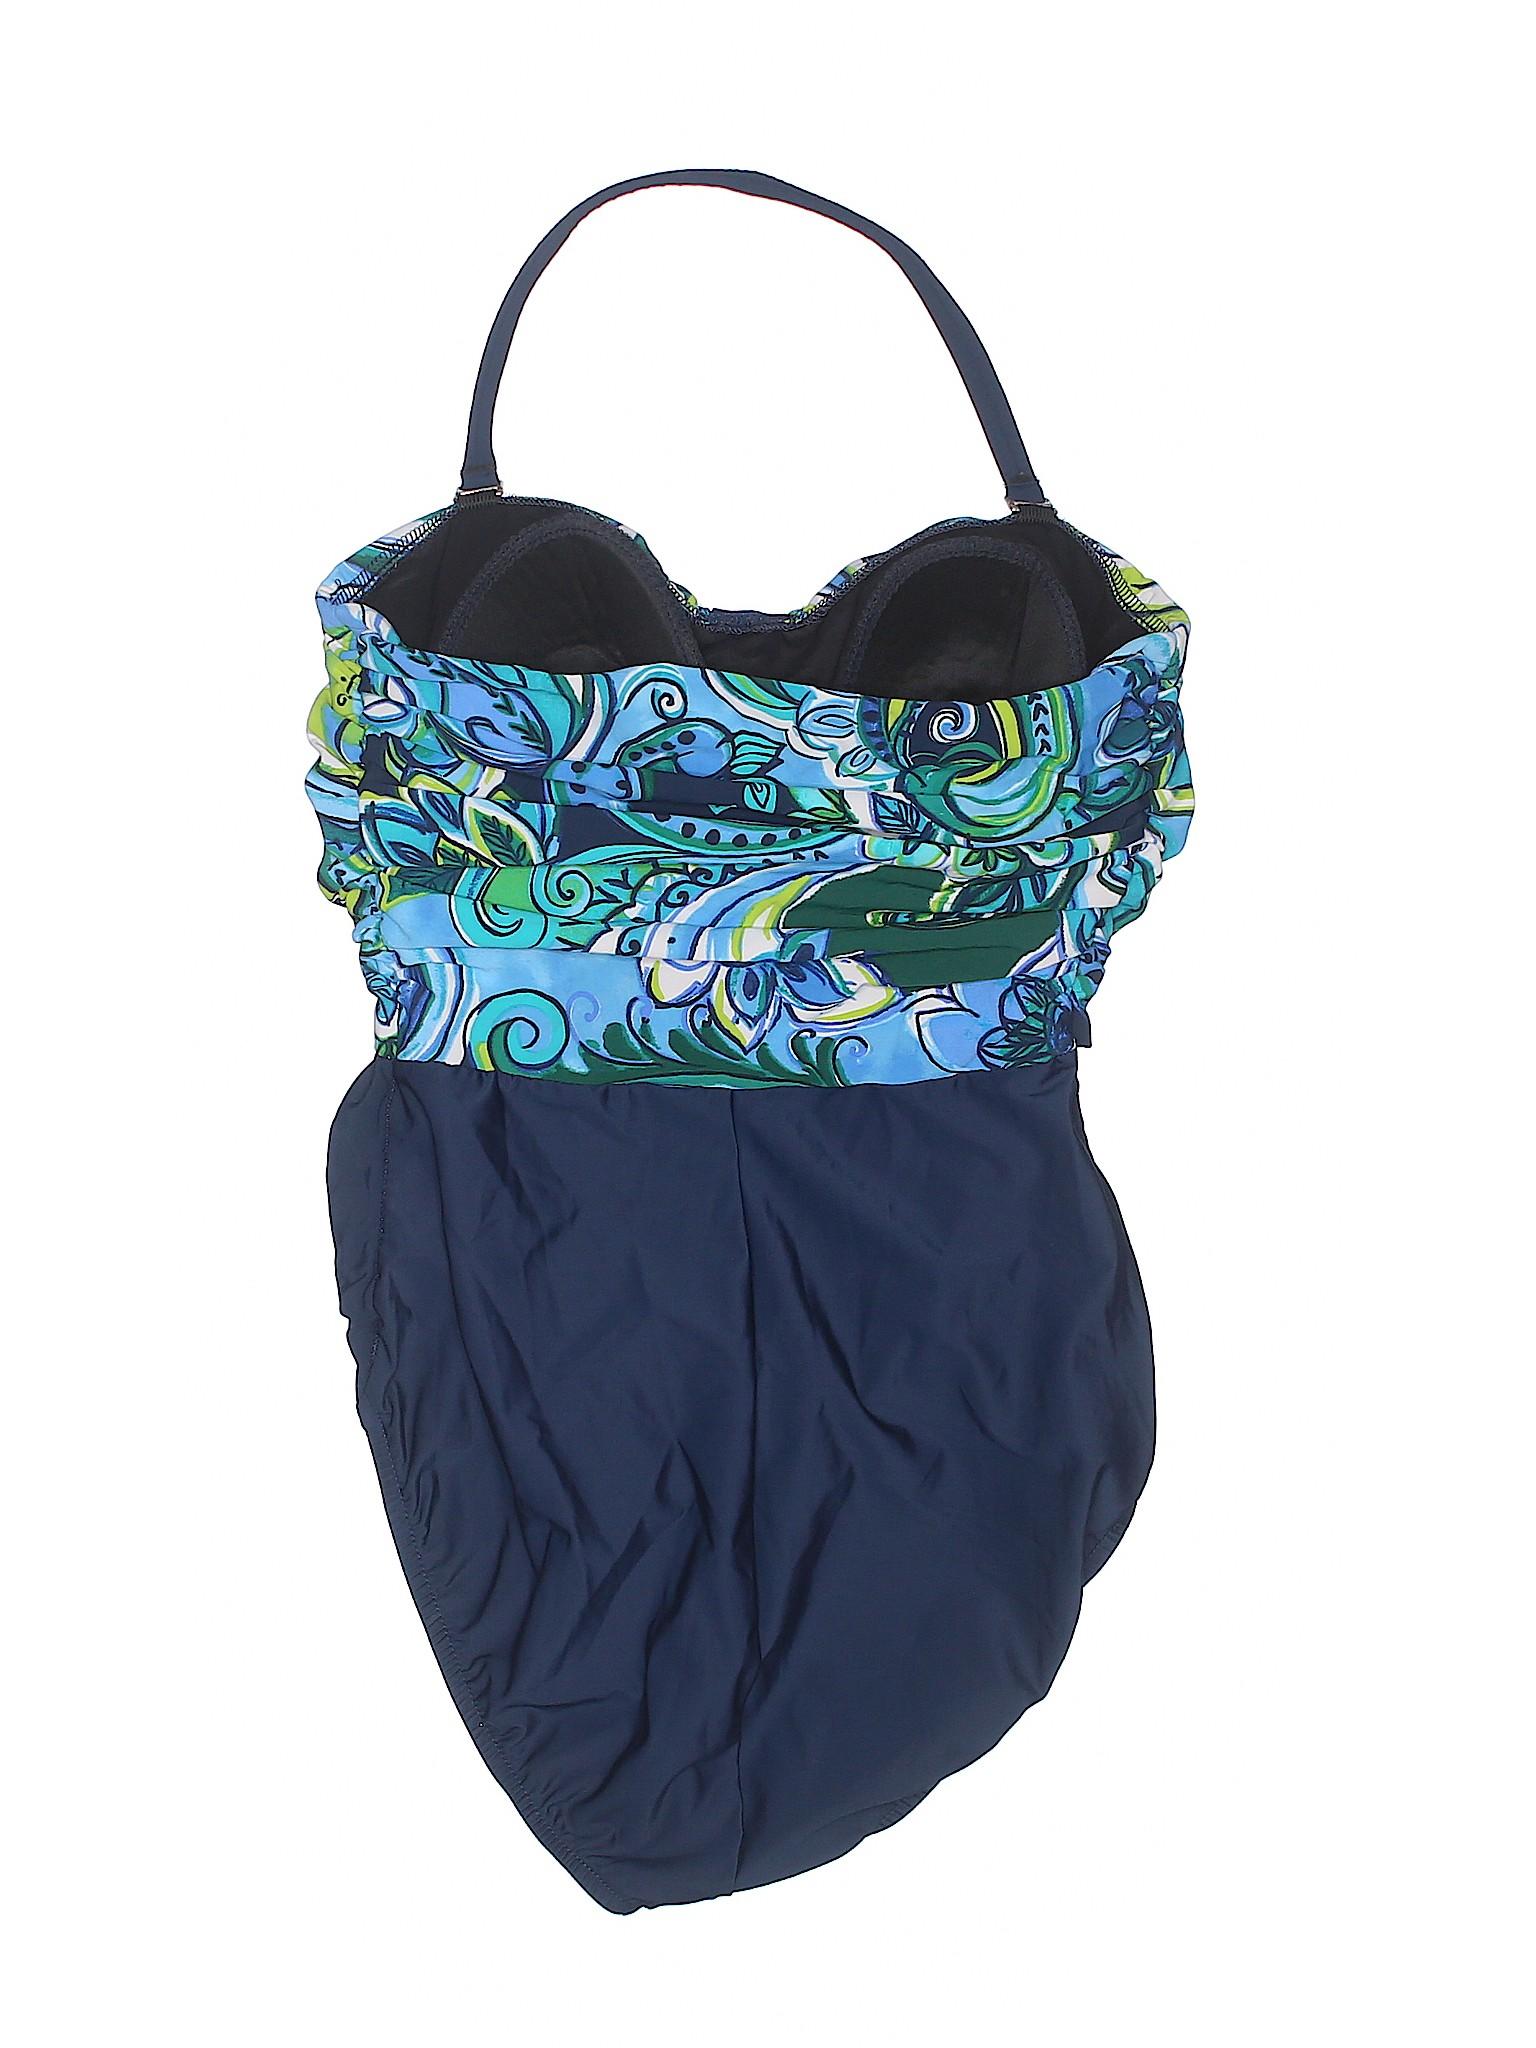 One One Piece Swimsuit Piece Boutique One Magicsuit Piece Swimsuit Magicsuit Magicsuit Boutique Boutique fBwgvCq